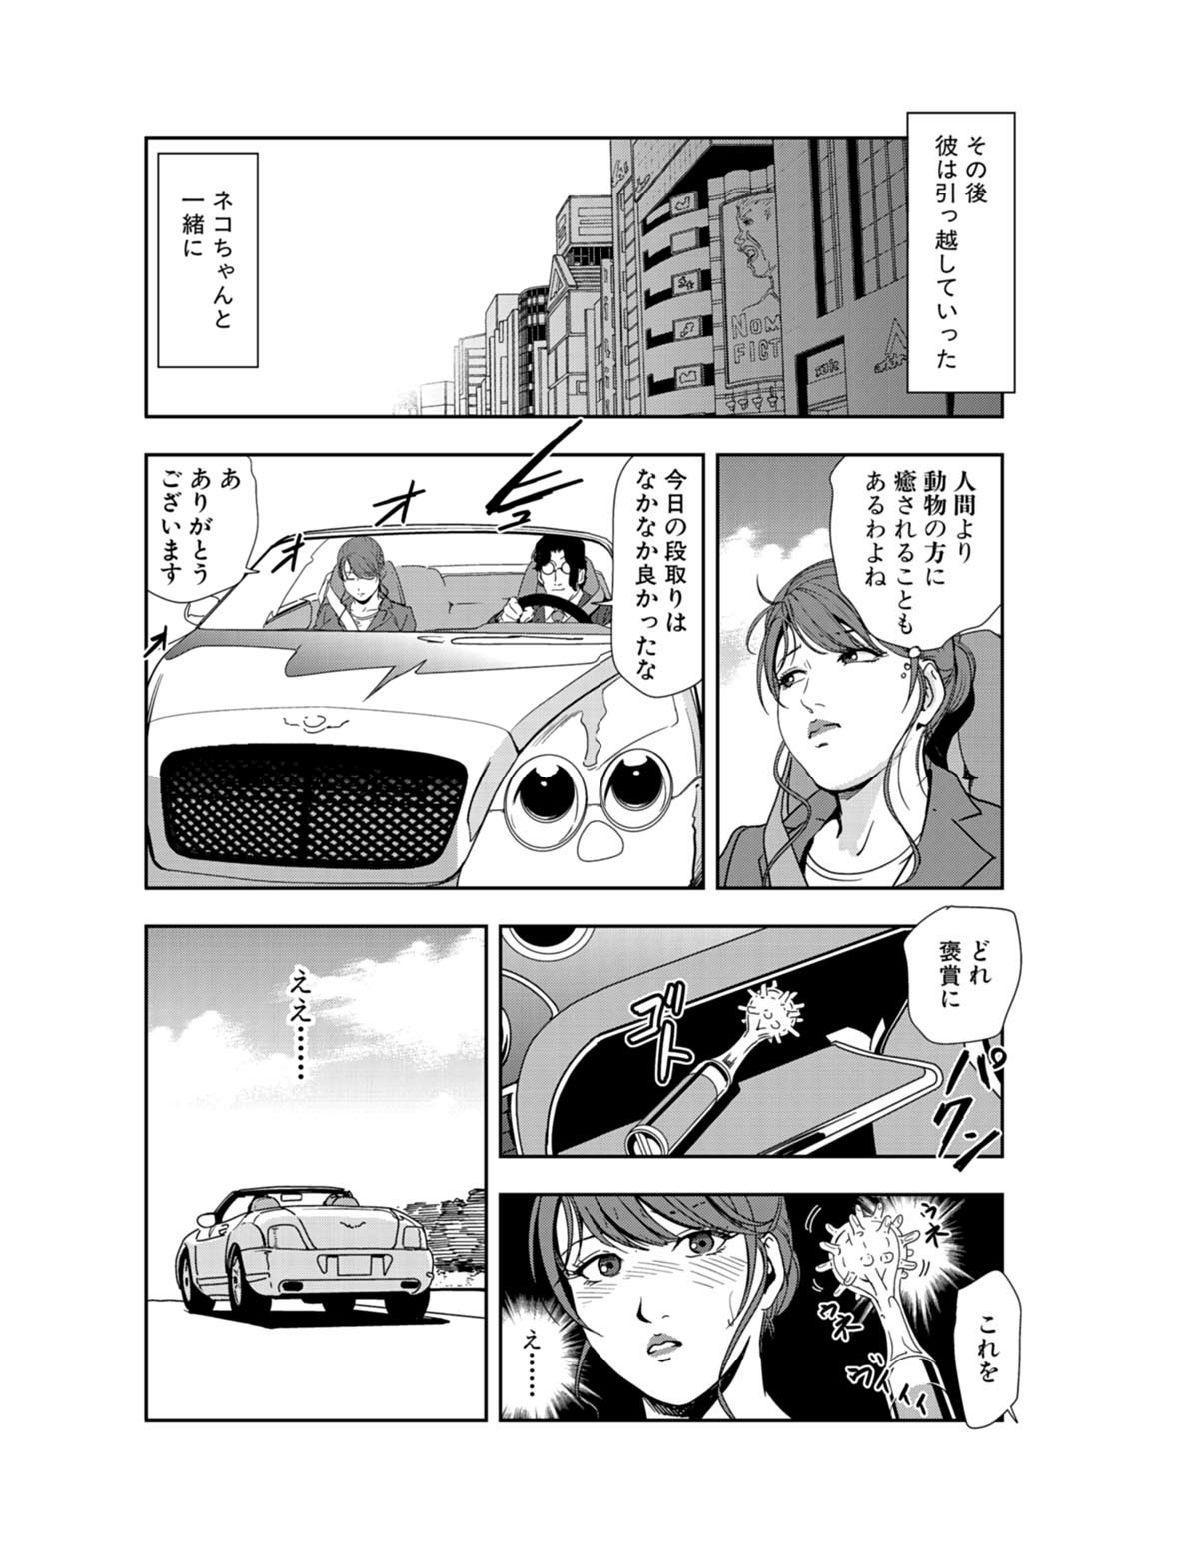 Nikuhisyo Yukiko 21 149